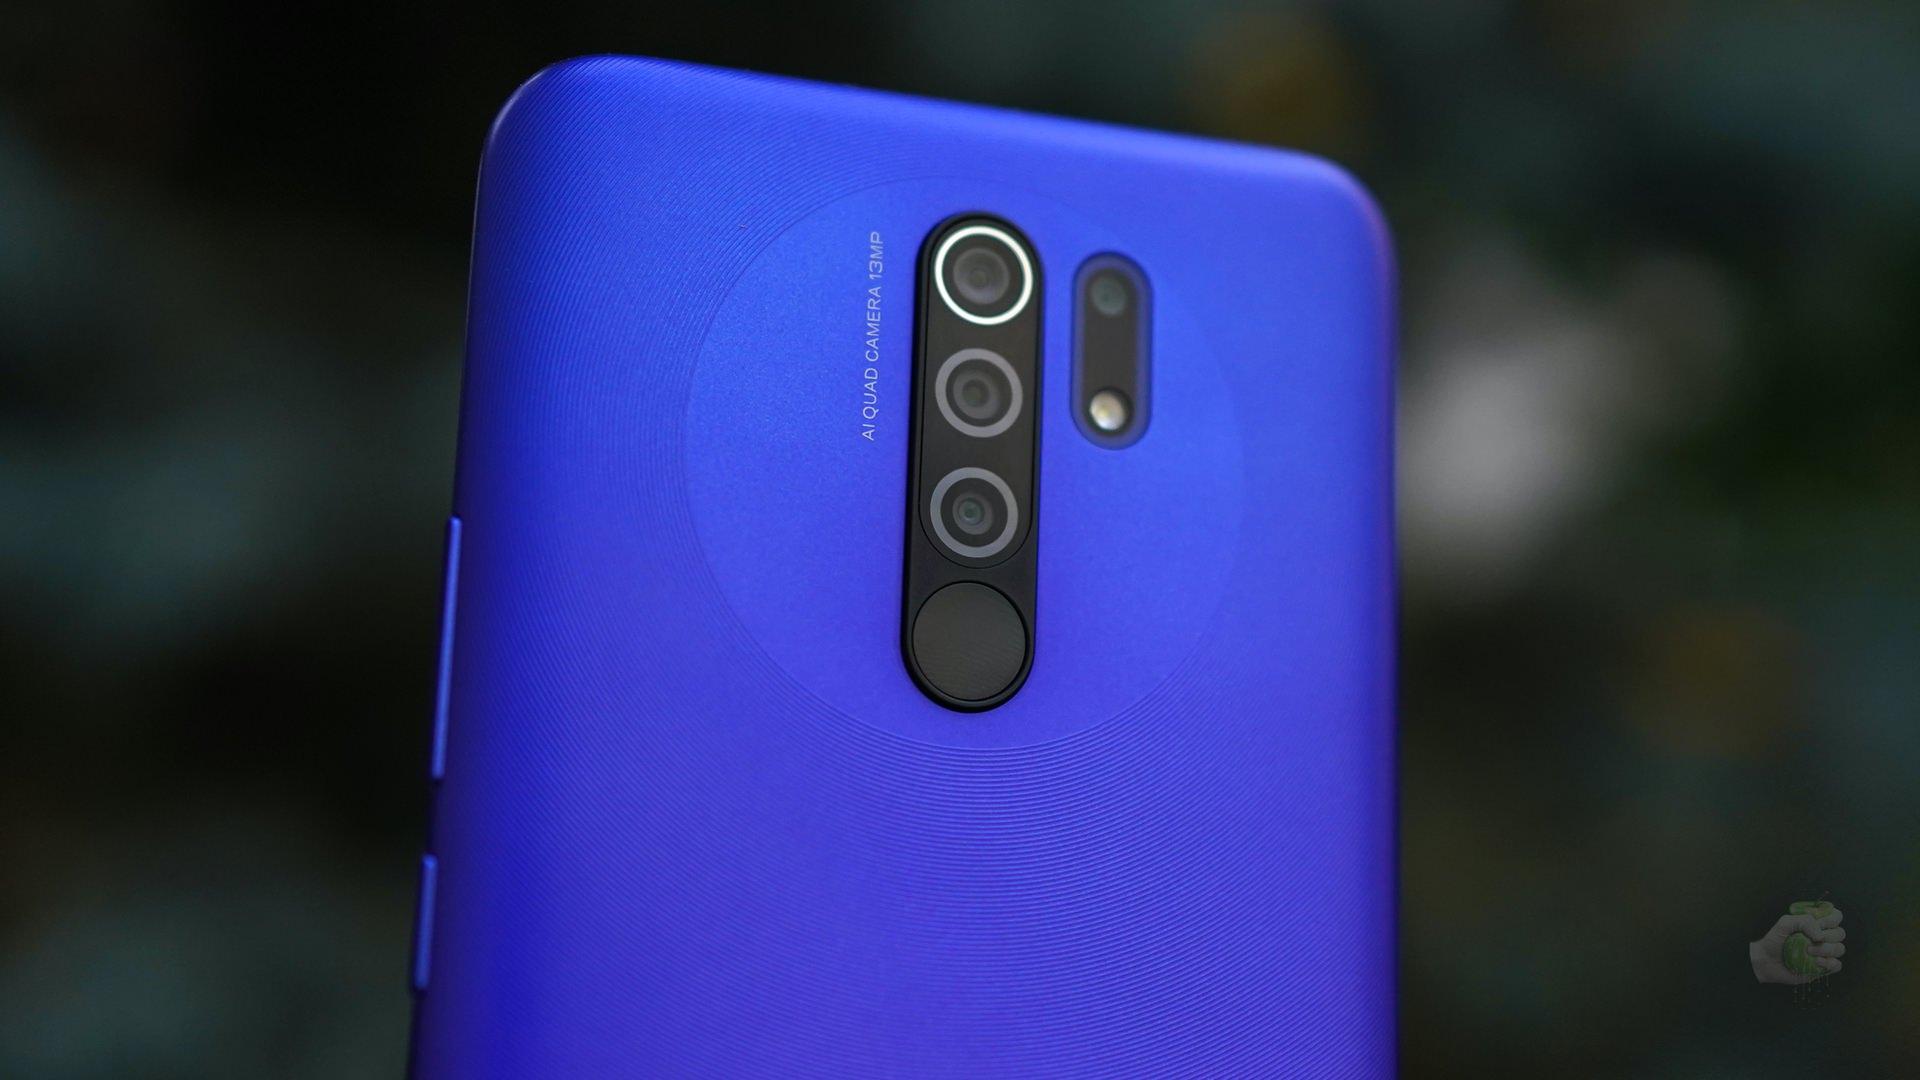 Обзор Xiaomi Redmi 9: бюджетный, но по всем канонам Xiaomi  - xiaomi-redmi-9-4-2